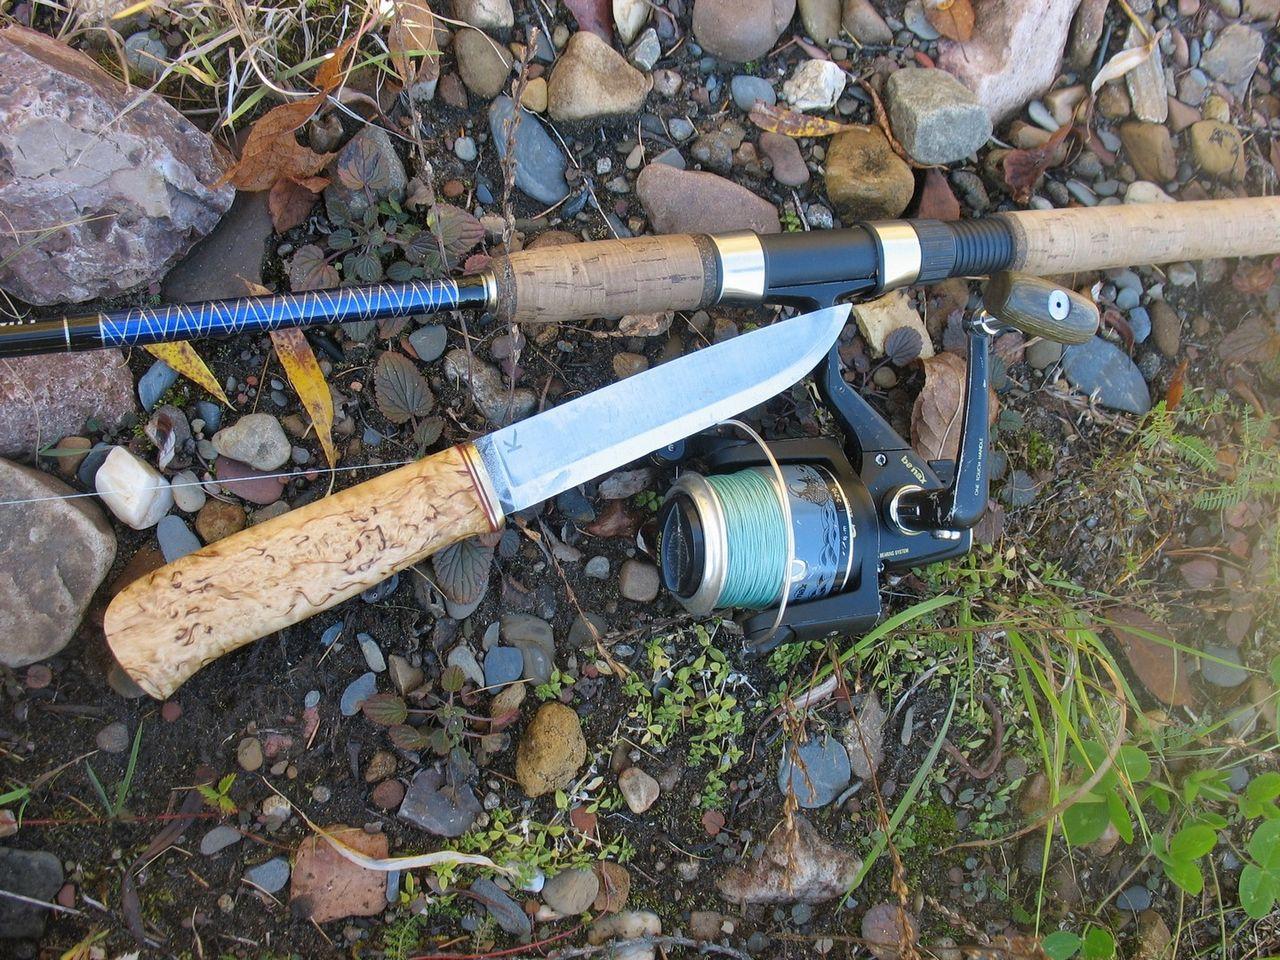 Rss канал: Сайт о рыбалке рыбная ловля, спиннинг, ловля карася, ловля карпа